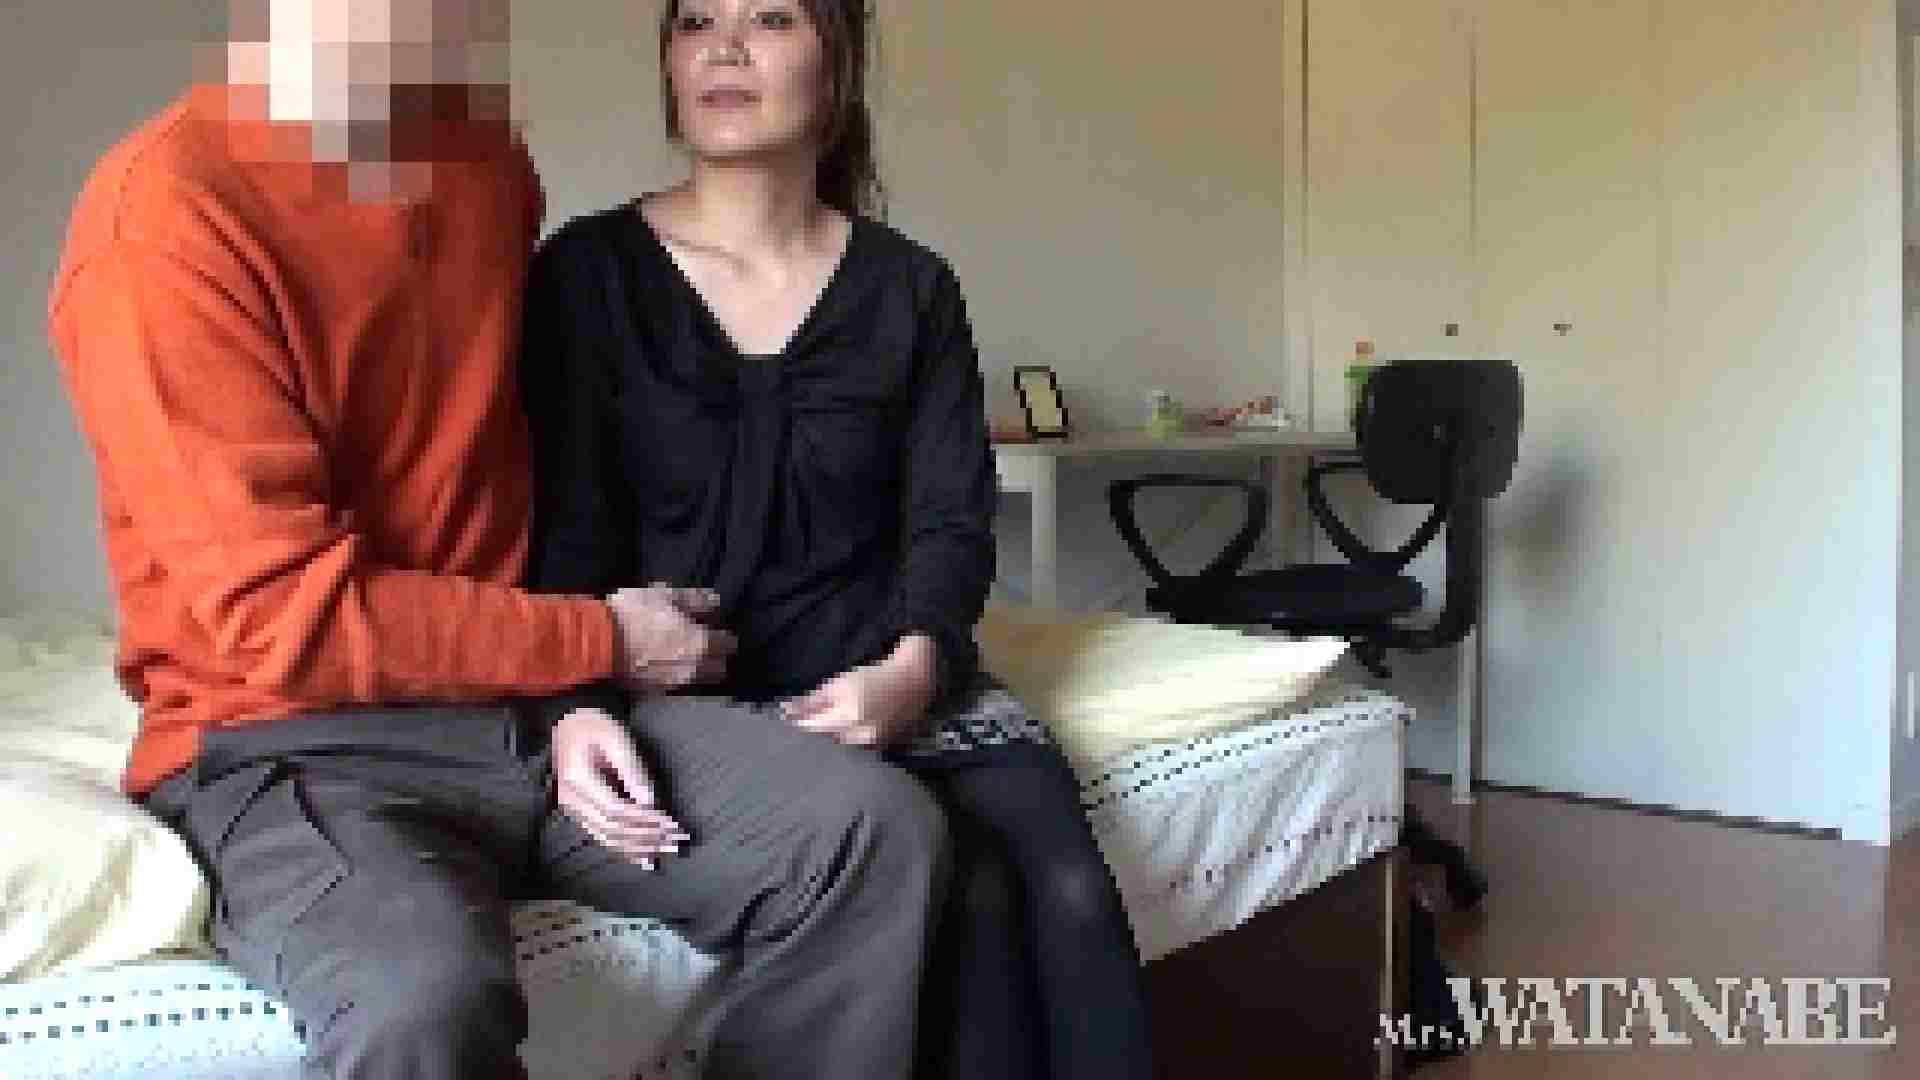 SNSで出会った人妻をハメ撮りしちゃいます 2回目 前編 投稿 | 人妻エロ映像  105pic 61